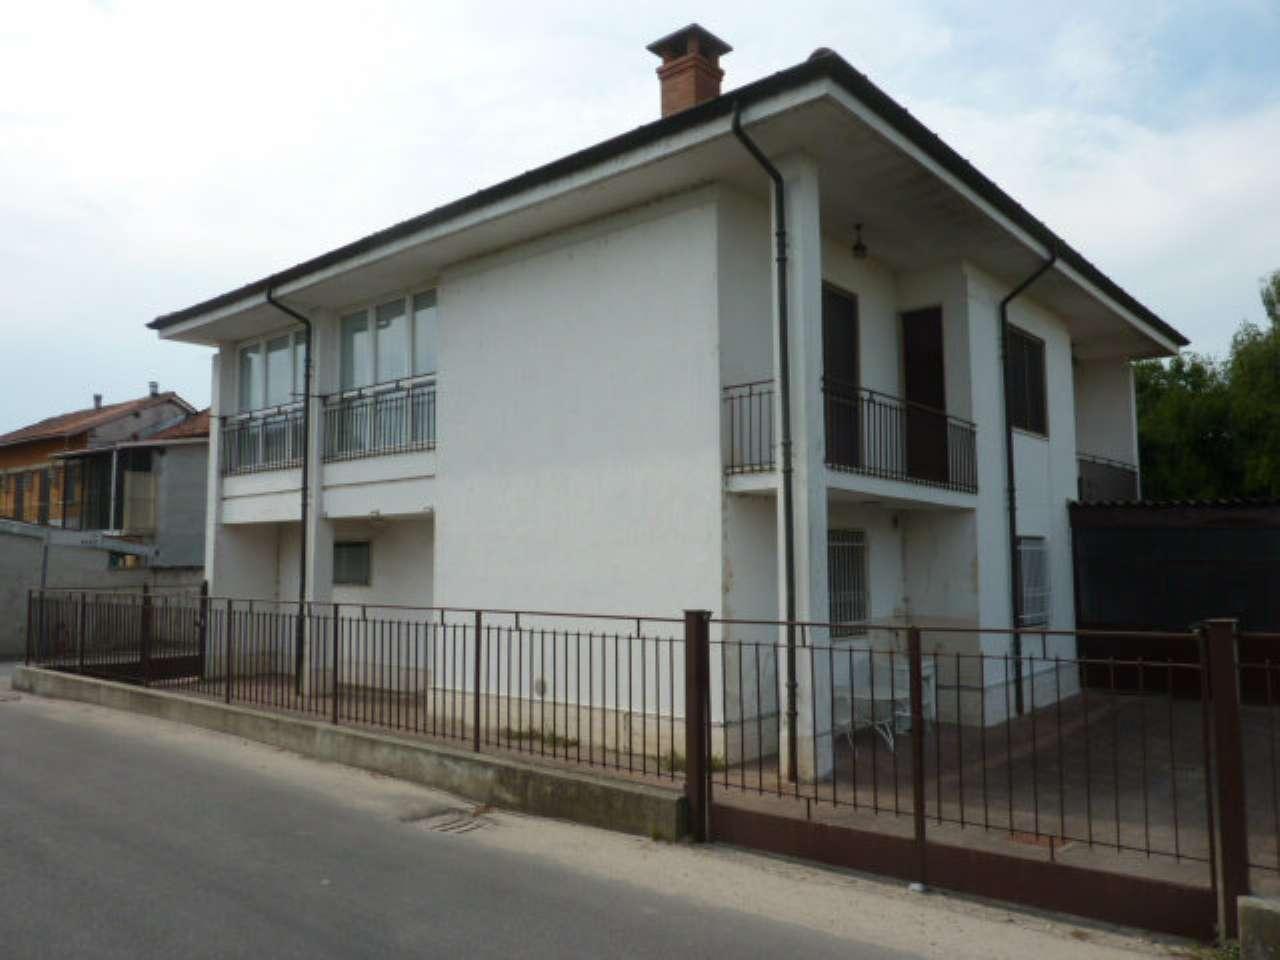 Villa in vendita a Confienza, 8 locali, prezzo € 105.000 | PortaleAgenzieImmobiliari.it